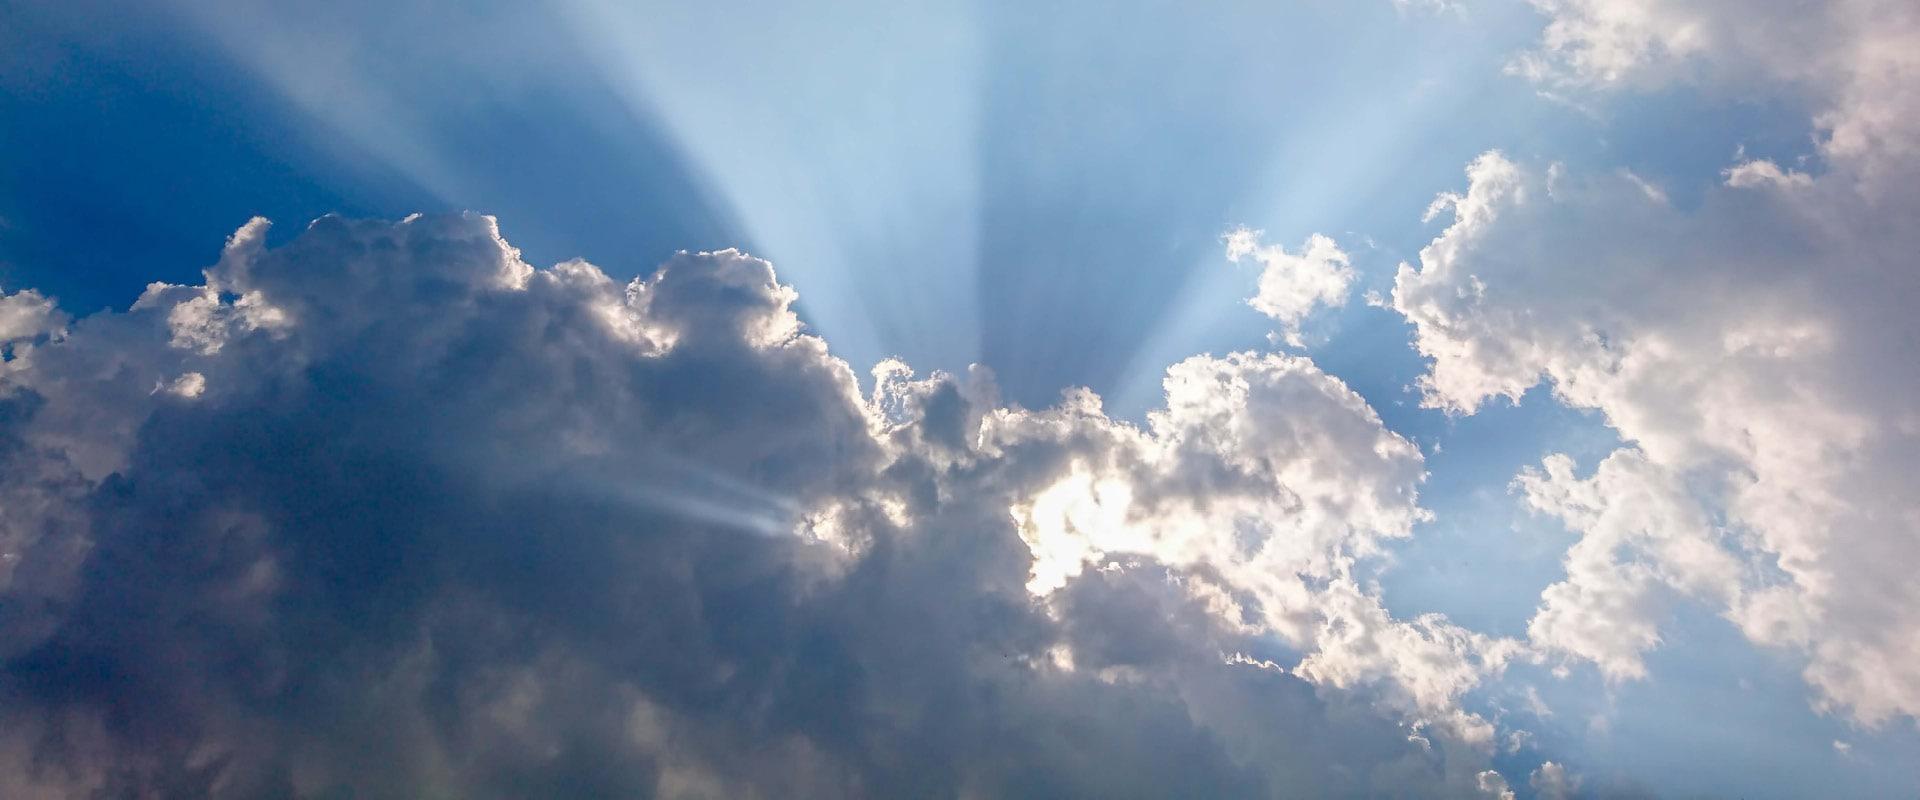 Was versperrt dir den Himmel?